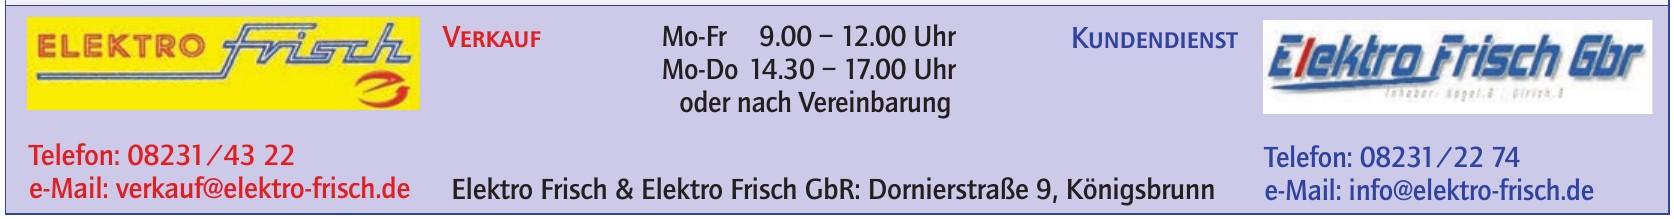 Elektro Frisch & Elektro Frisch Gbr